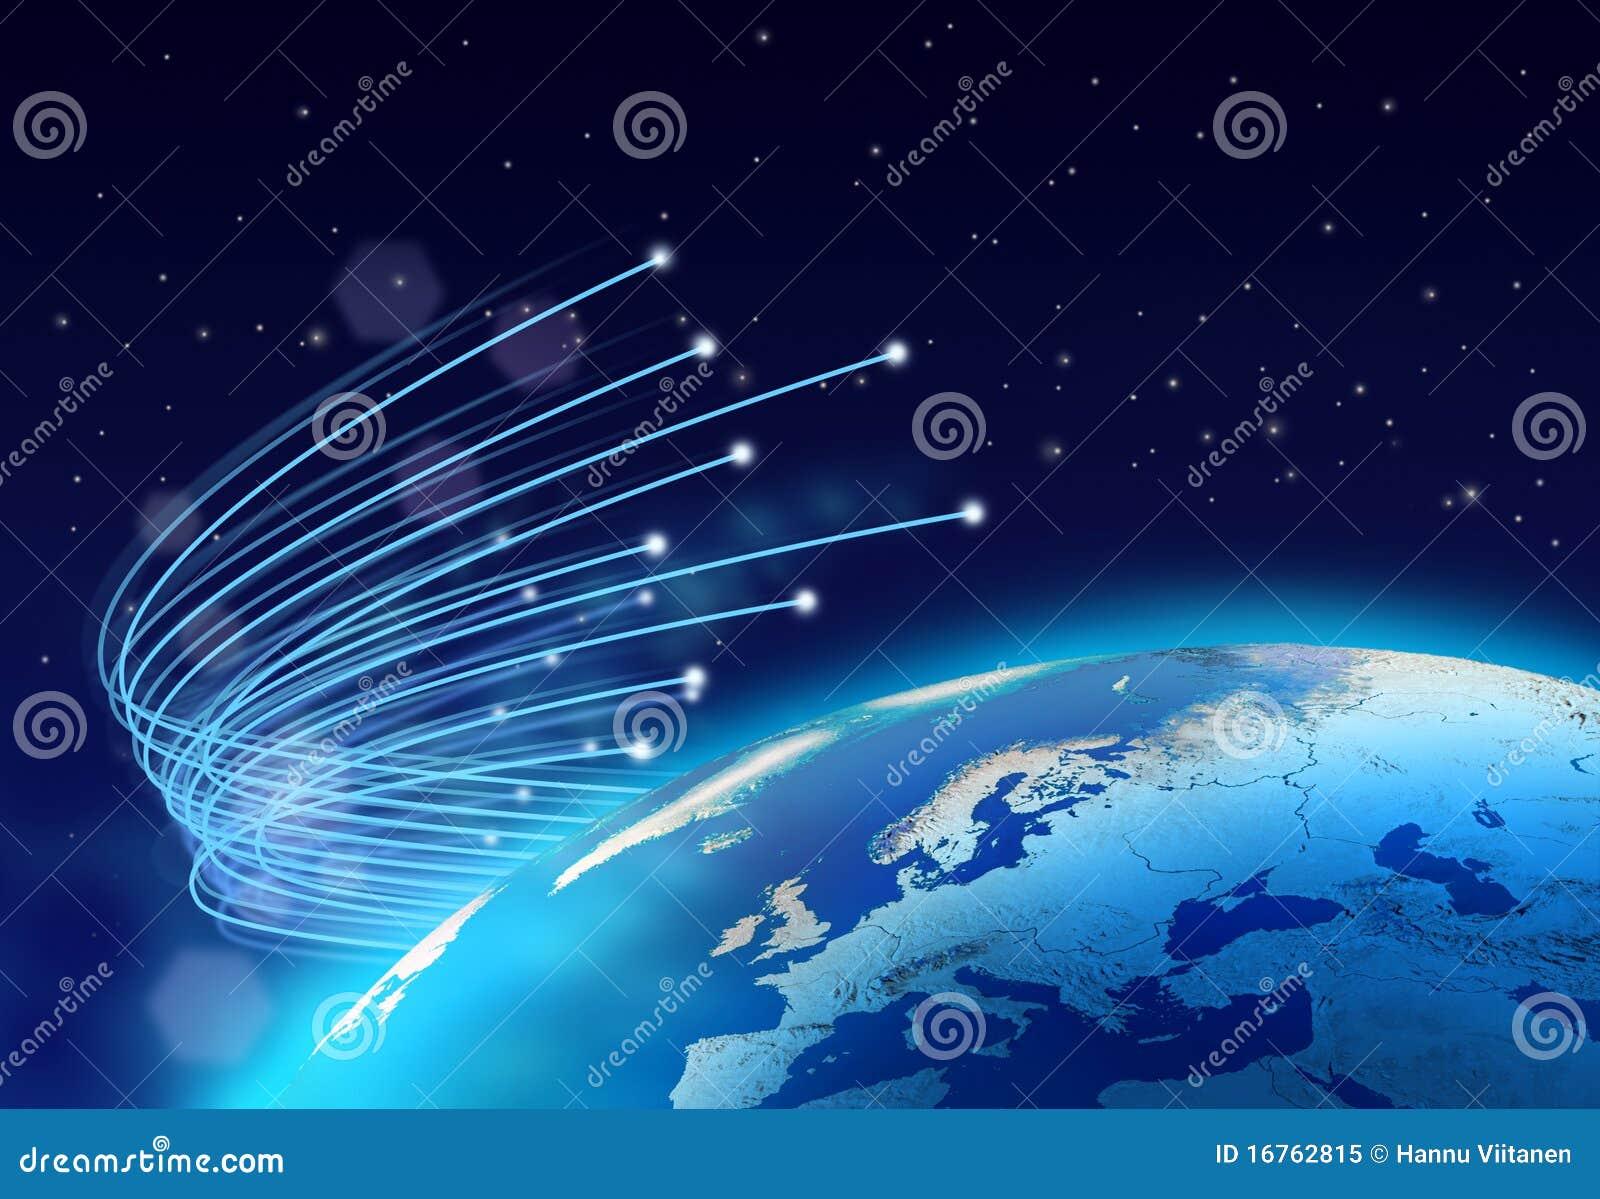 纤维互联网光学行星速度